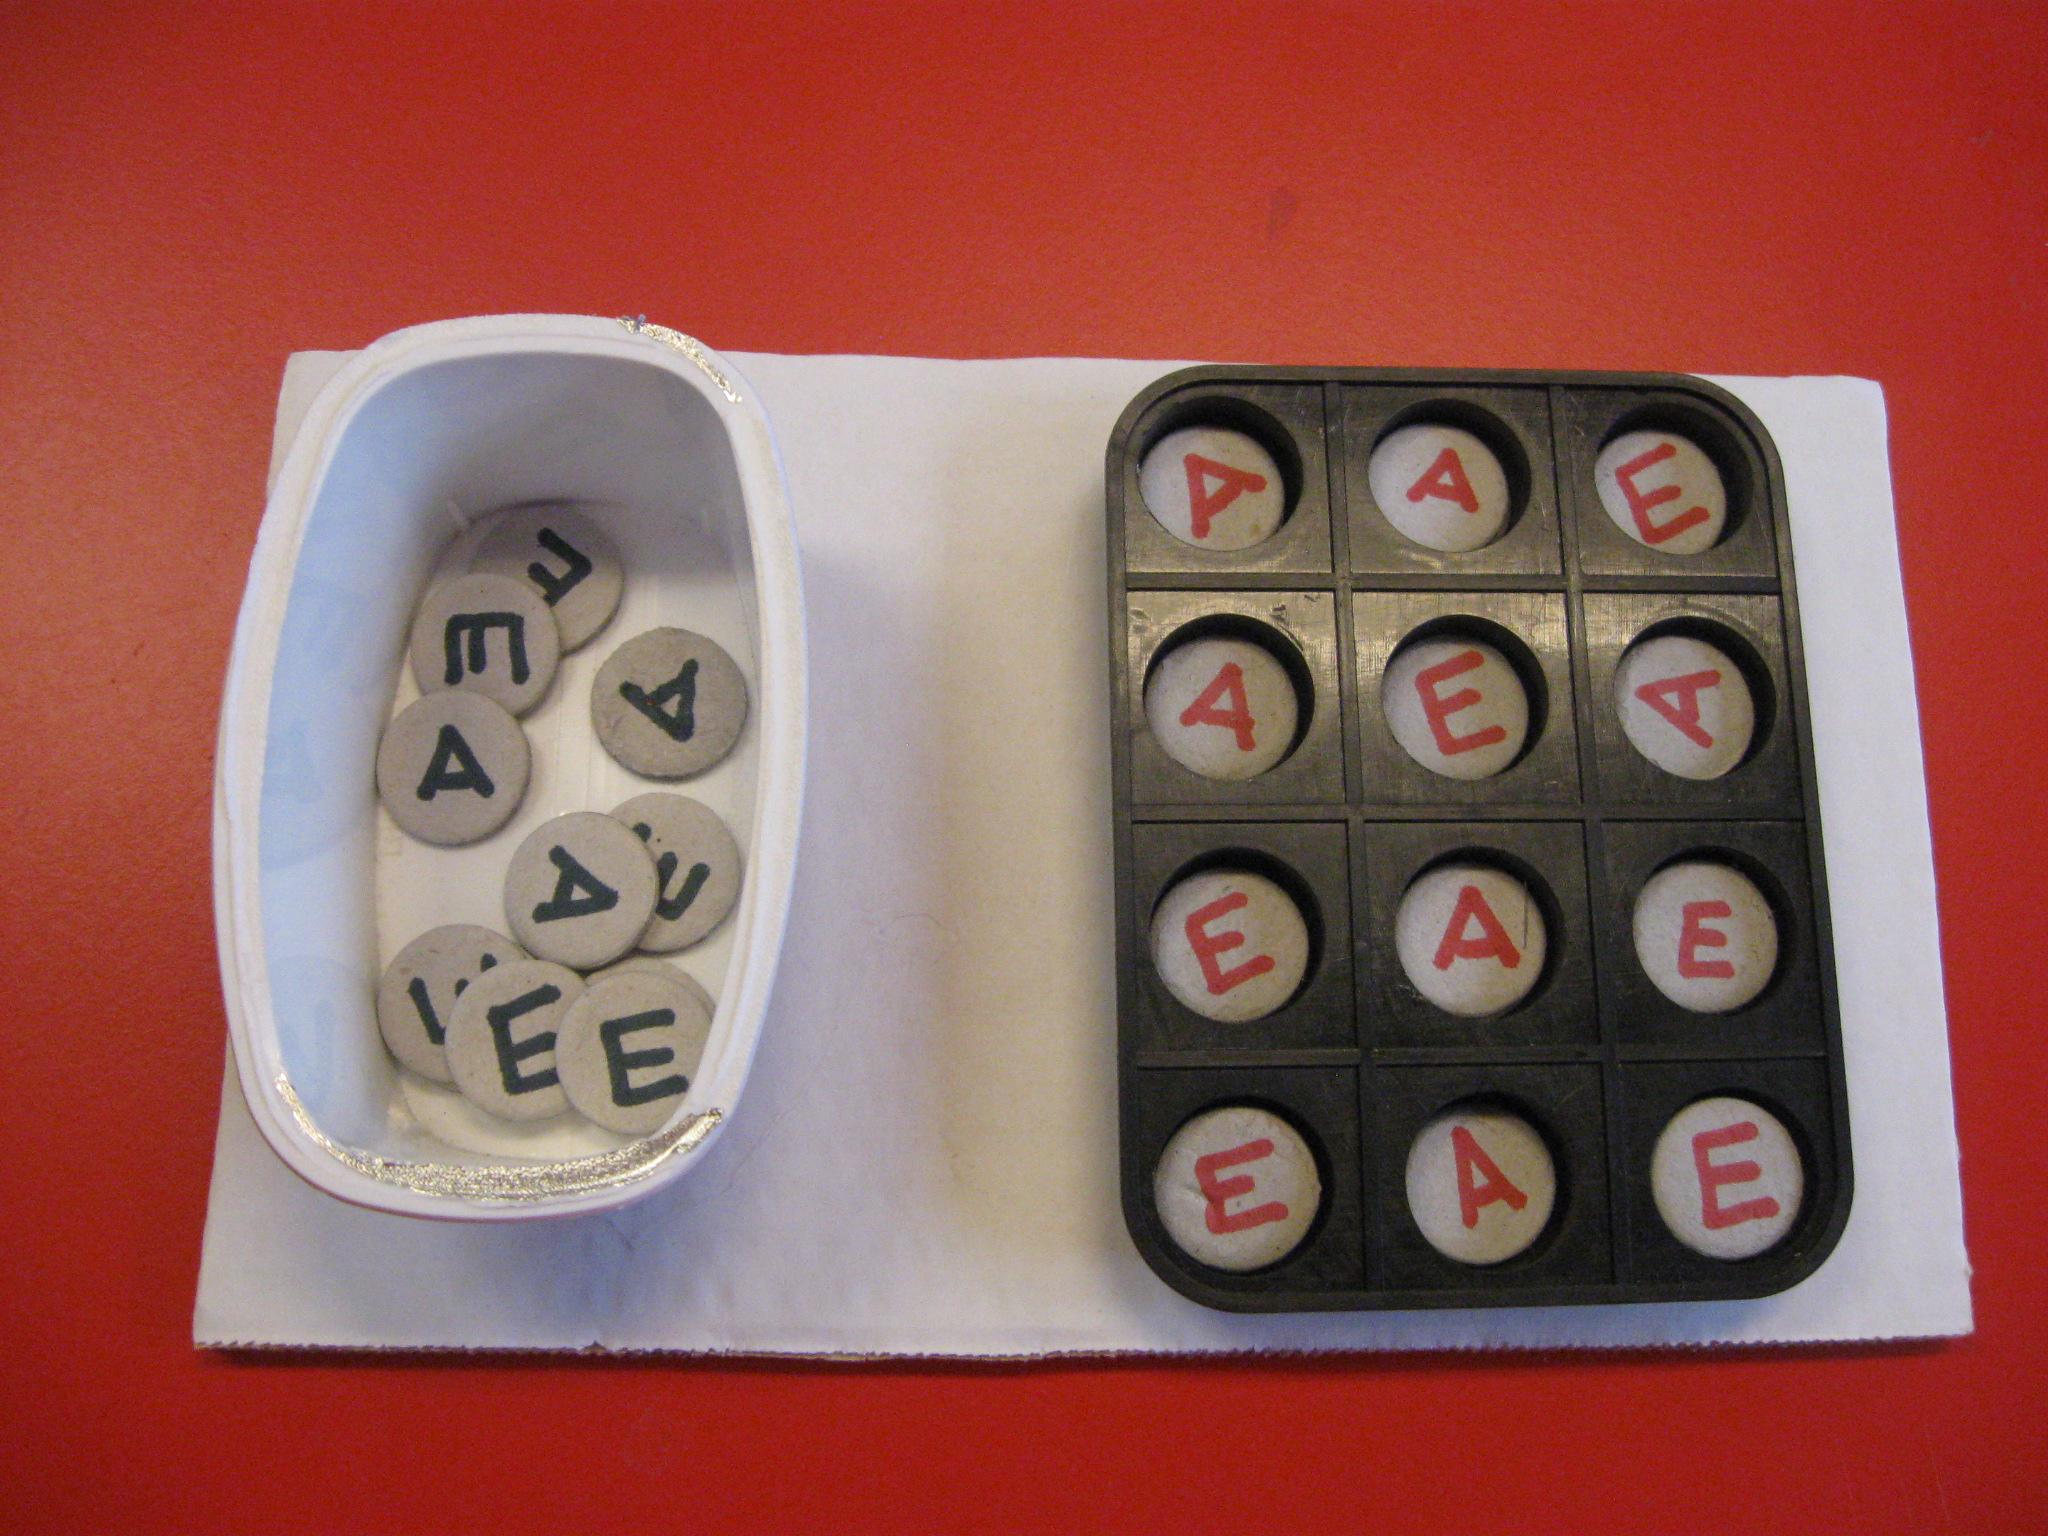 Contenitore suddiviso in spazi contenenti la vocale A e la vocale E scritte in rosso. Di fianco un contenitore con le vocali A ed E scritte in nero.